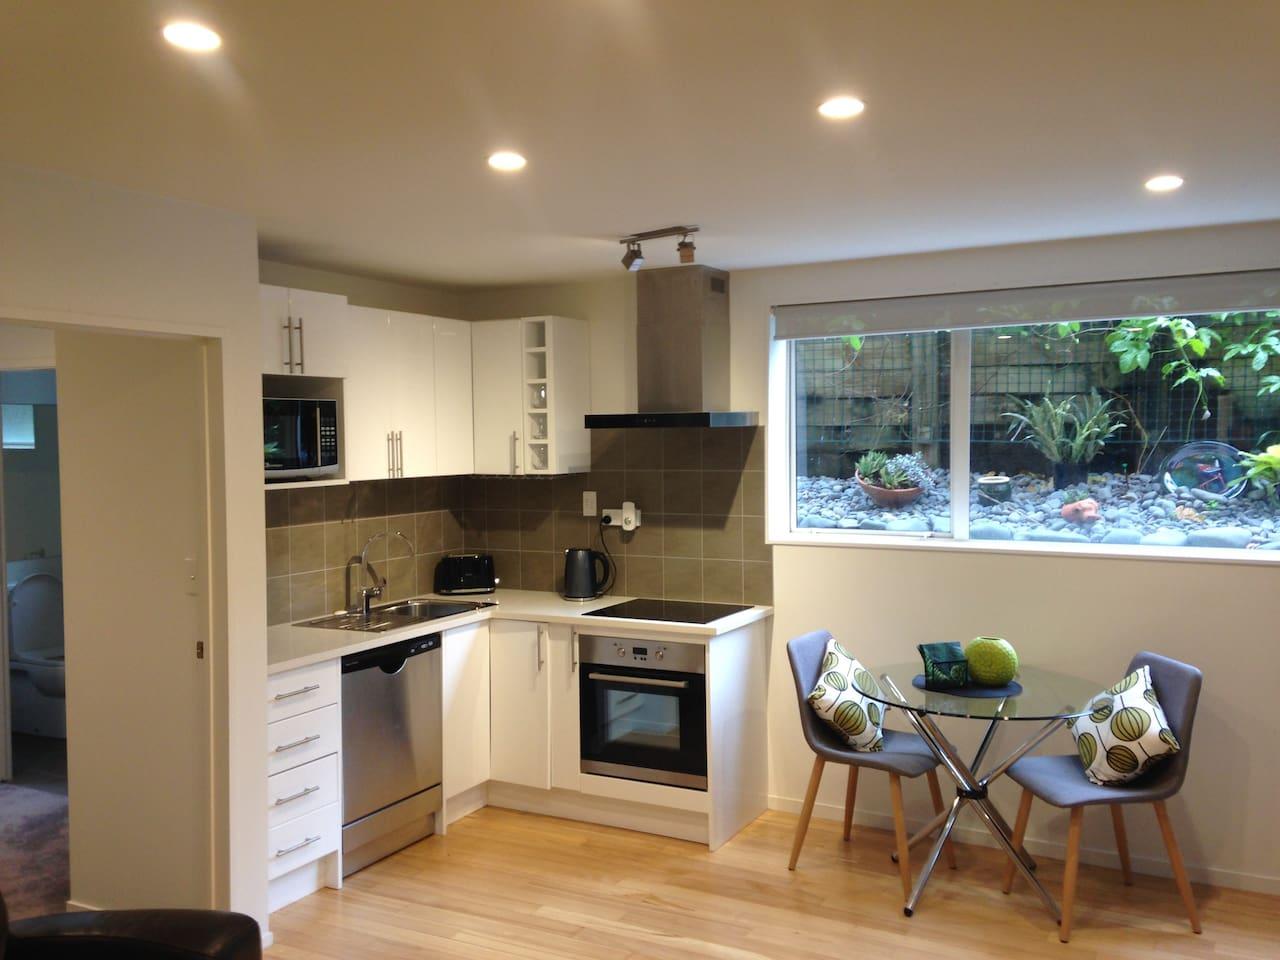 Kitchen, dining, window